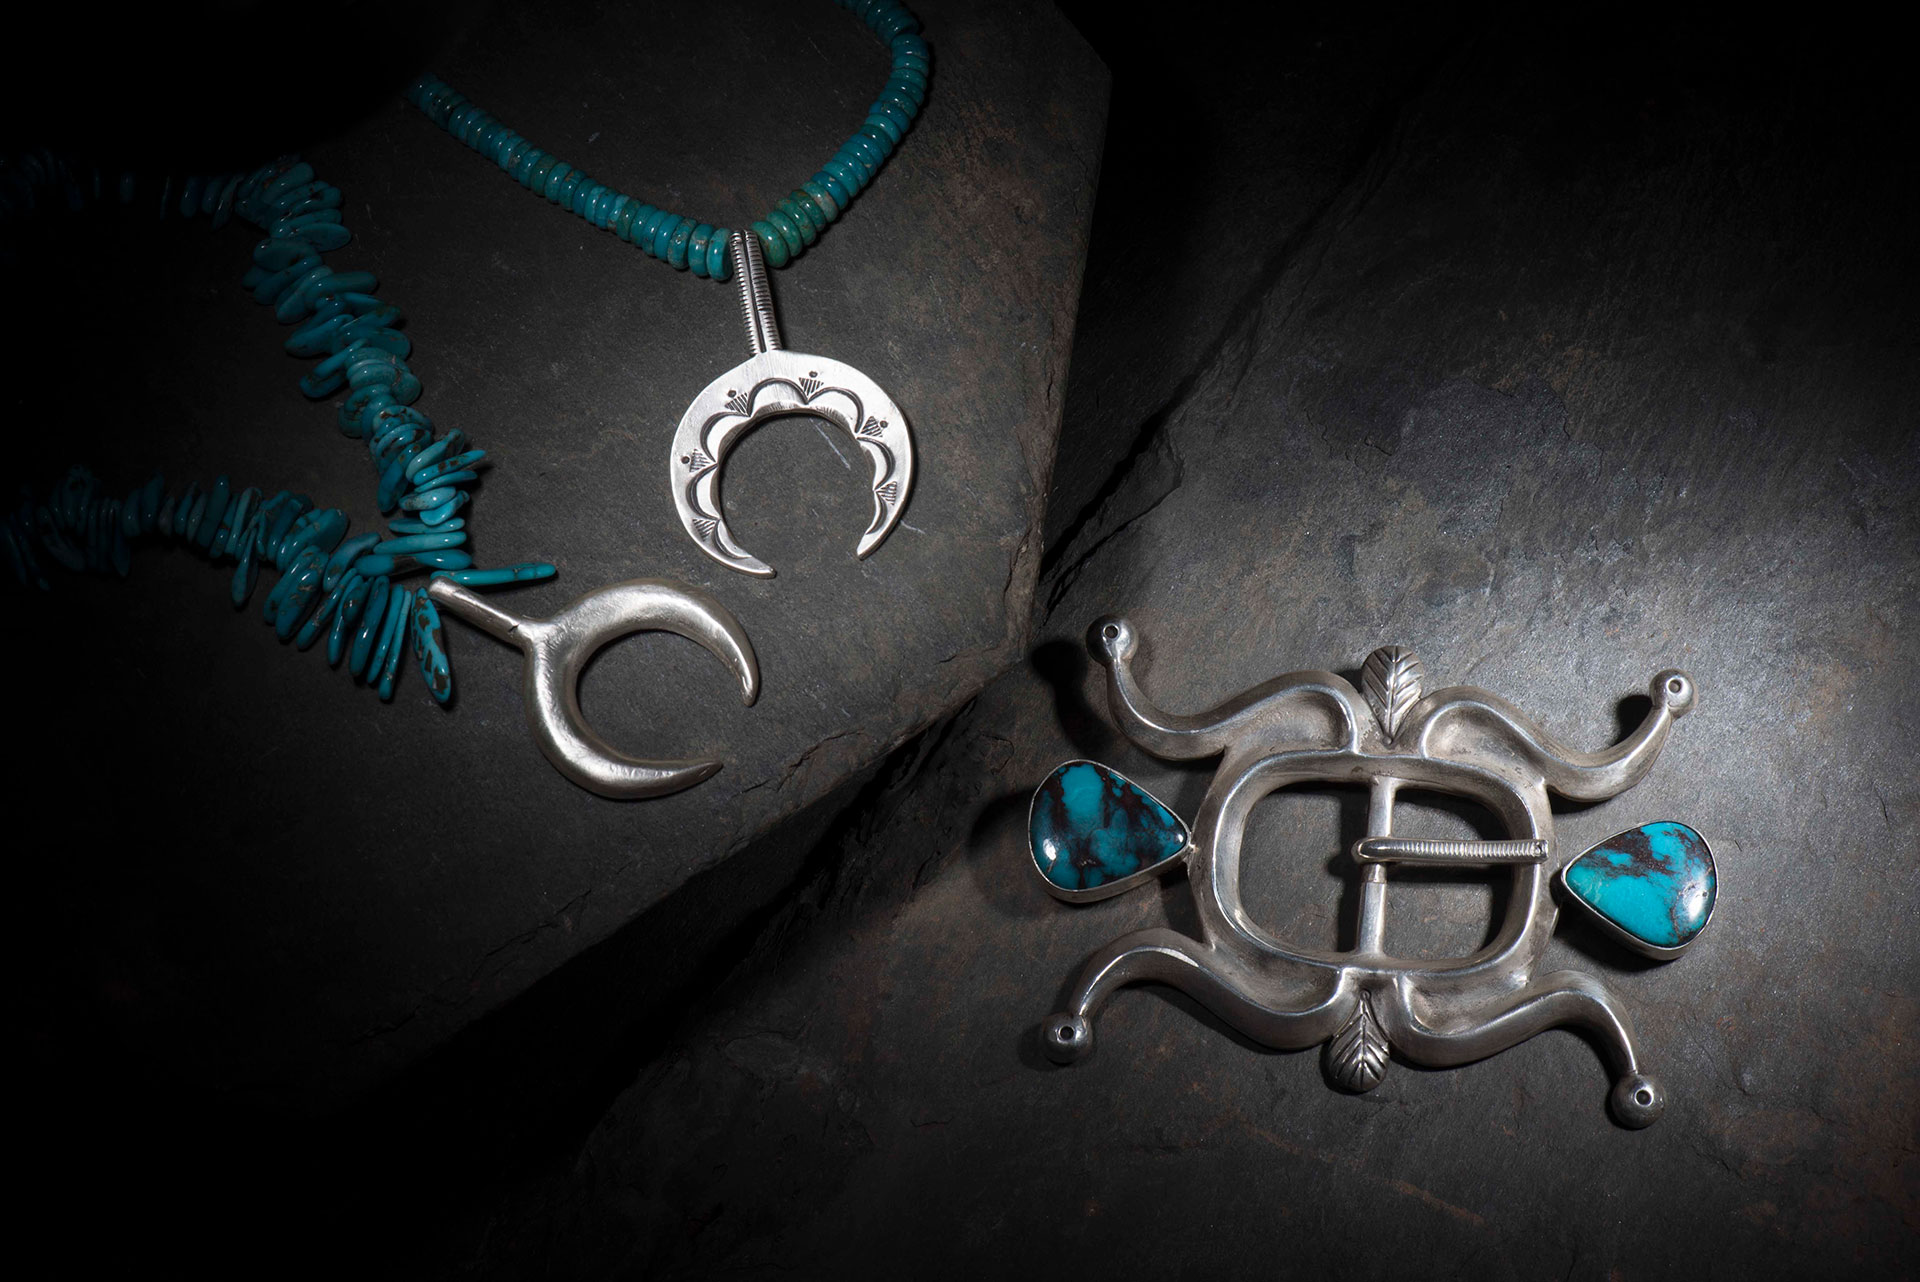 mike bird romero necklaces